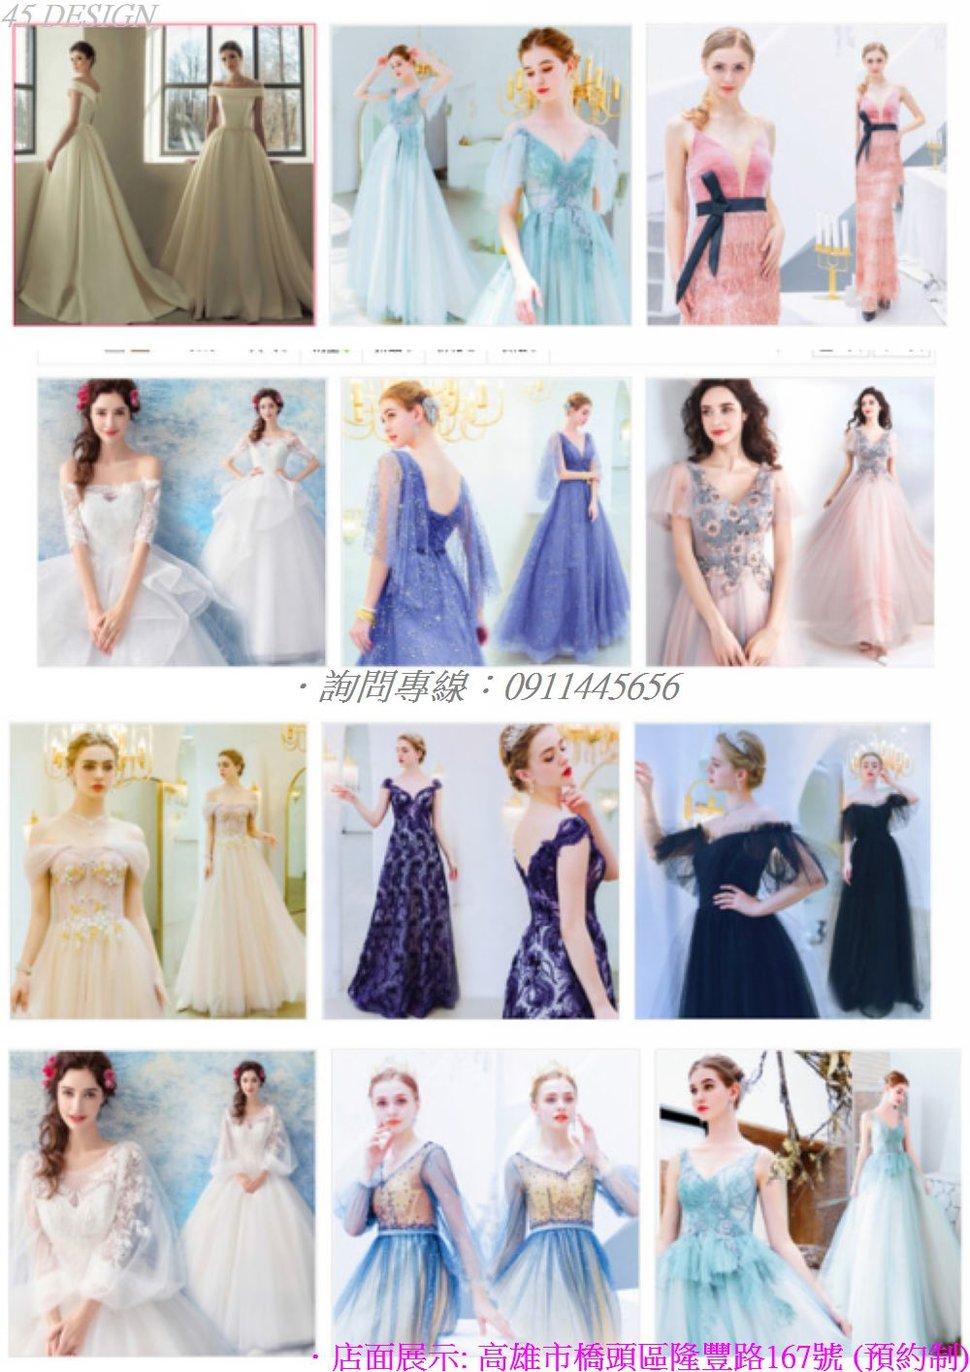 msl1908150F9FE2DE741443869C2252E66DC193DA - 全台最便宜-45DESIGN四五婚紗禮服《結婚吧》